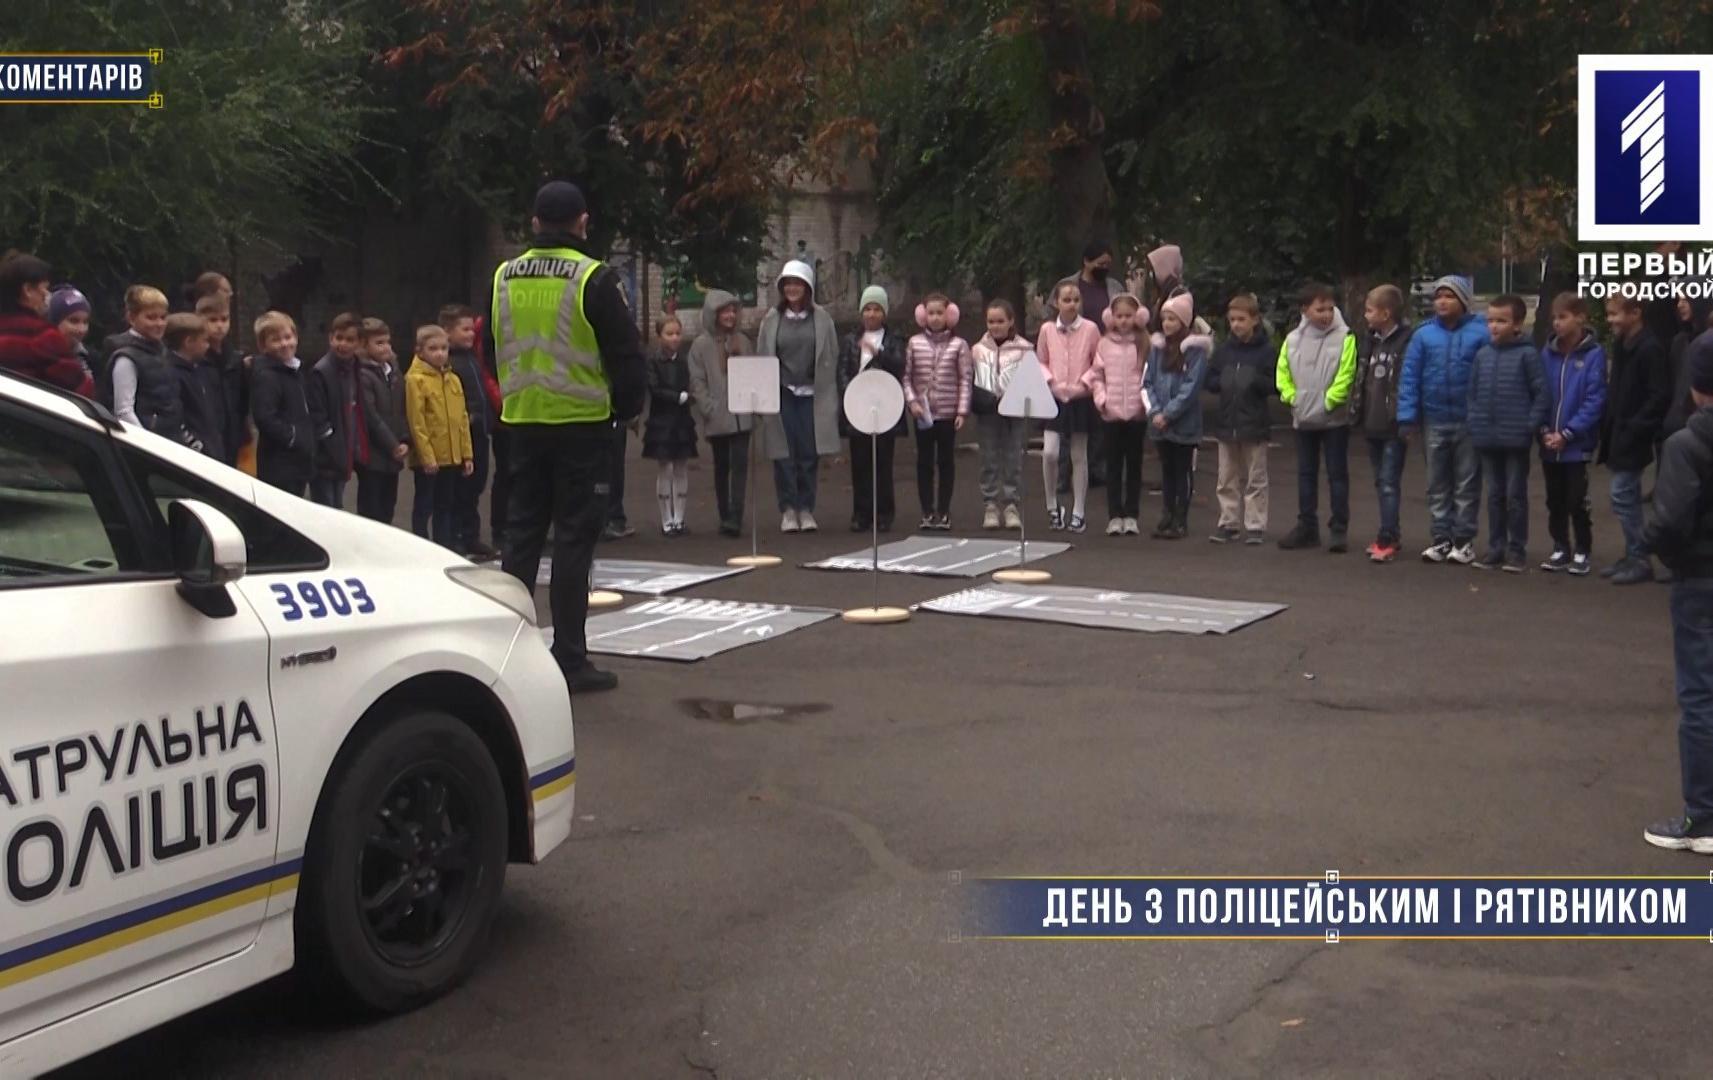 Без коментарів: уроки в рамках проєкту «День з поліцейським та рятівником» у школах Кривого Рогу